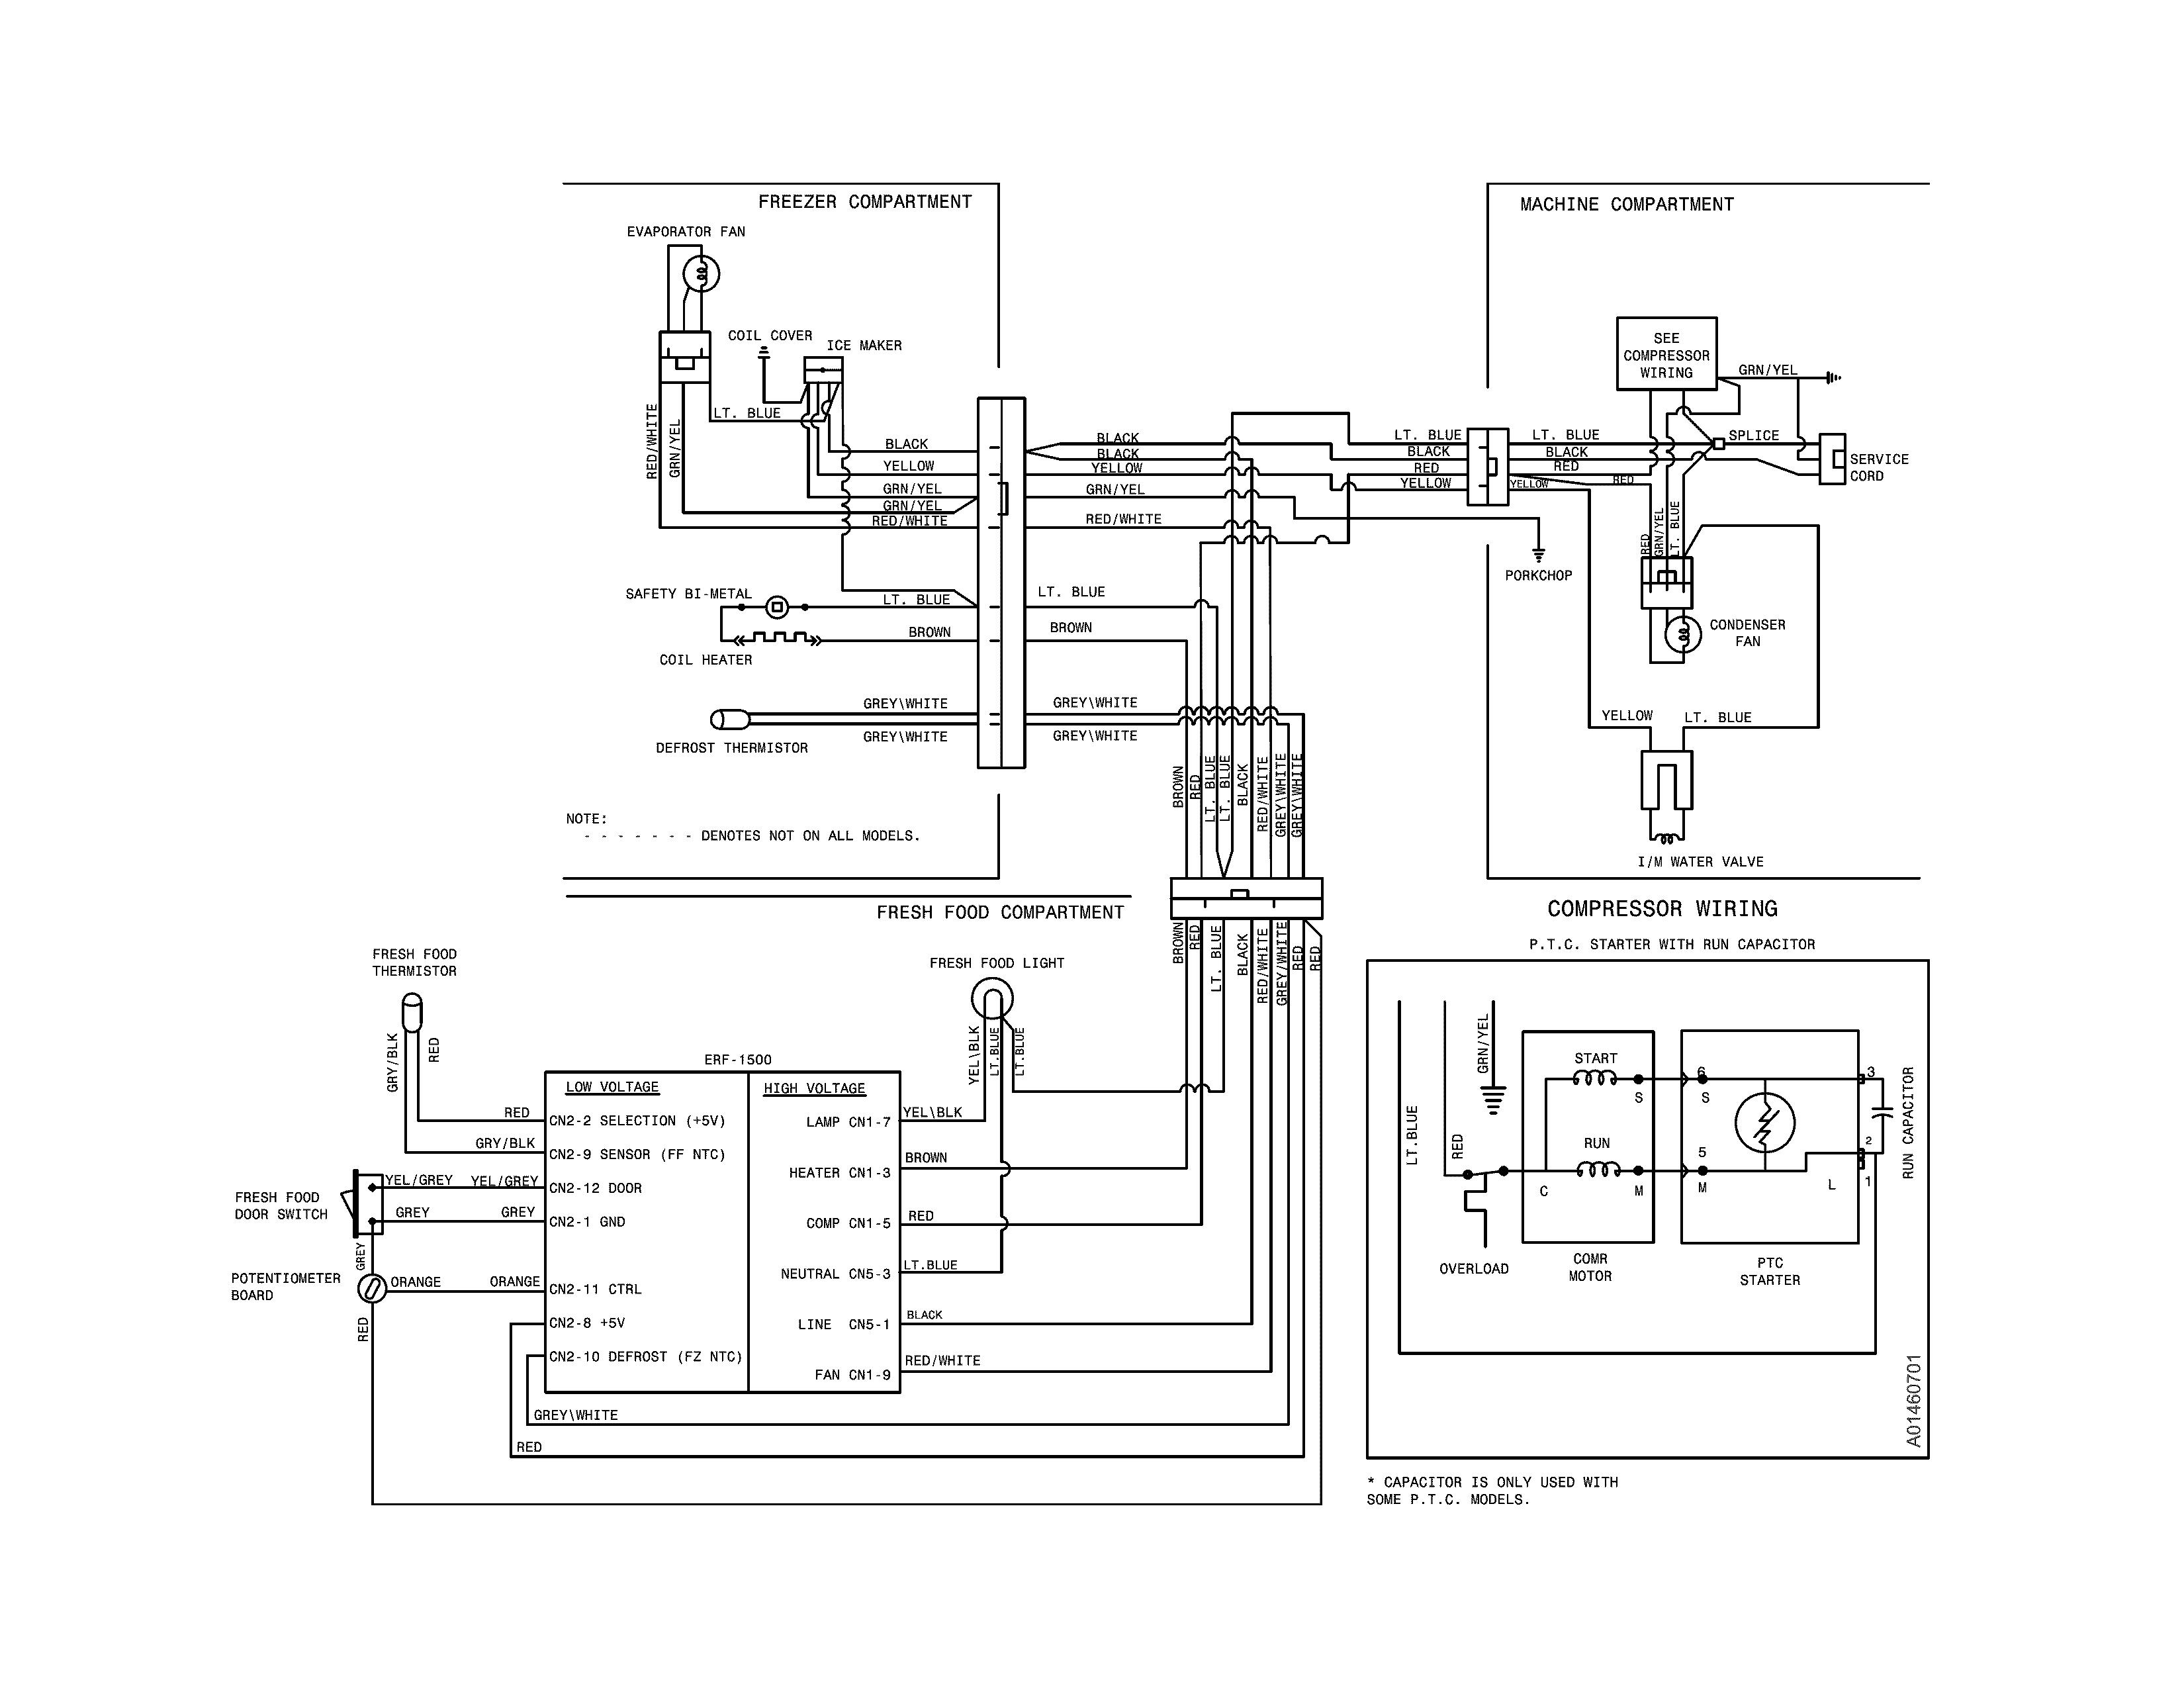 wiring schematic for frigidaire refrigerator